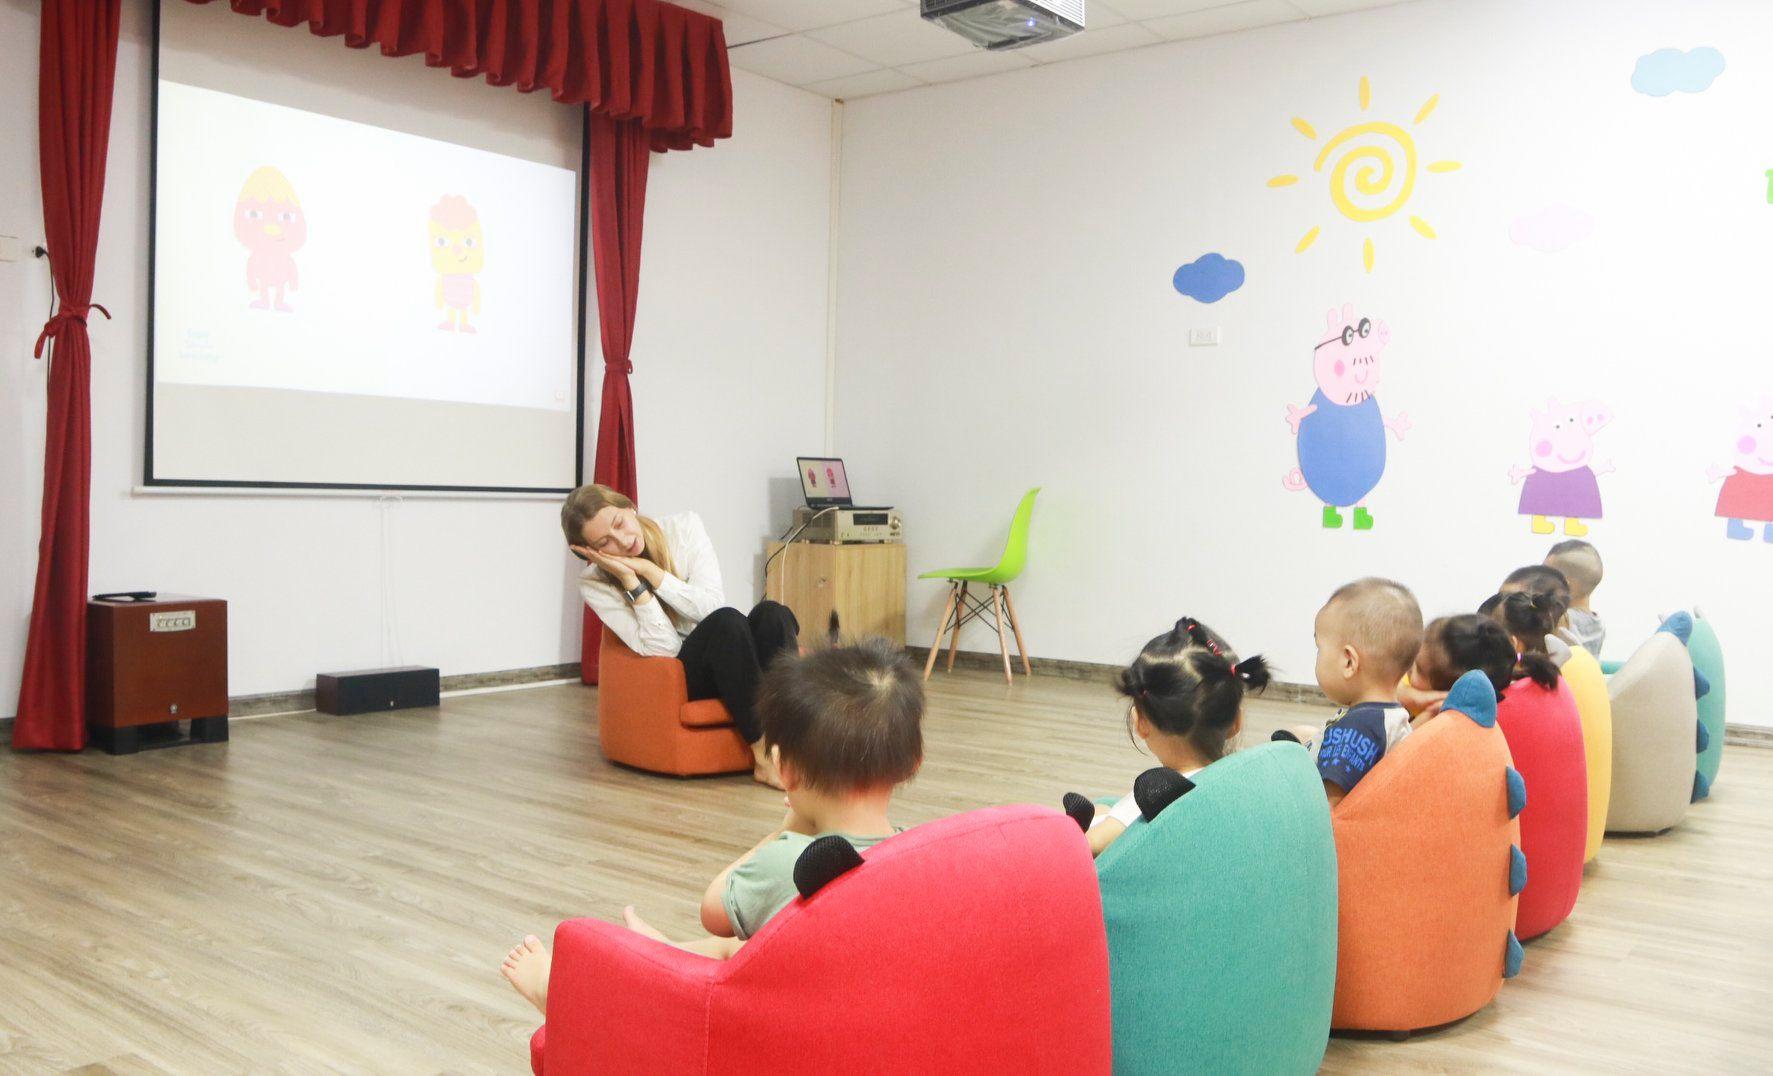 Trường mầm non Xanh ( Greenery PreSchool ) - 35 Lê Văn Thiêm